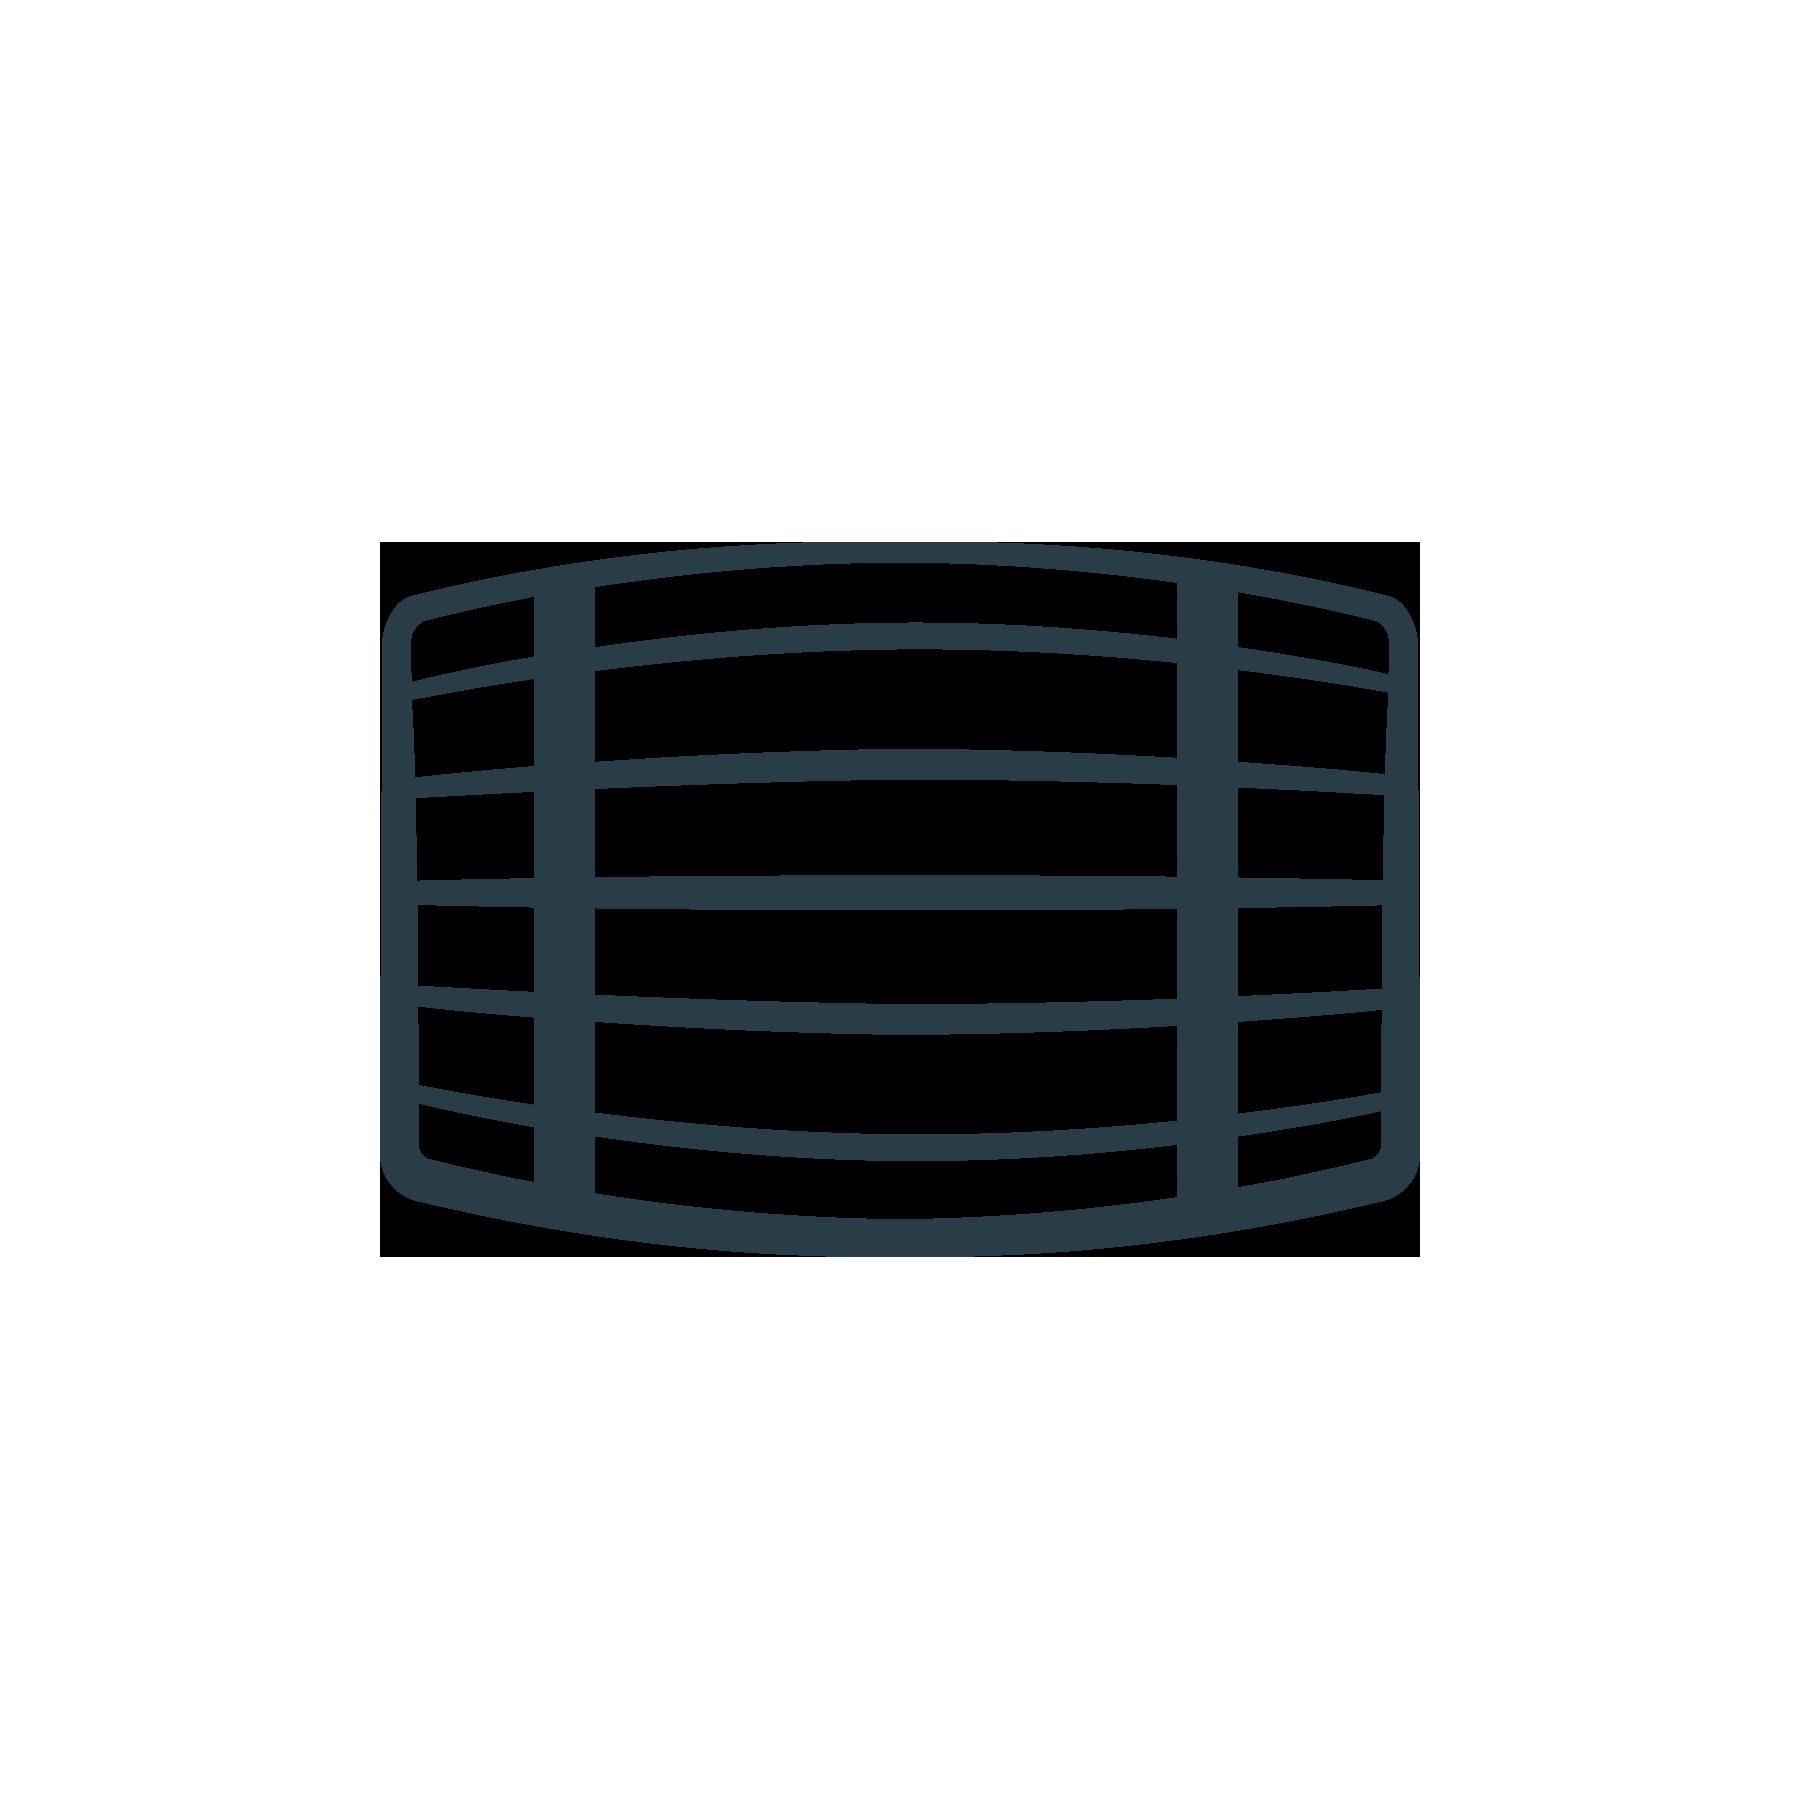 Barrel_01.png